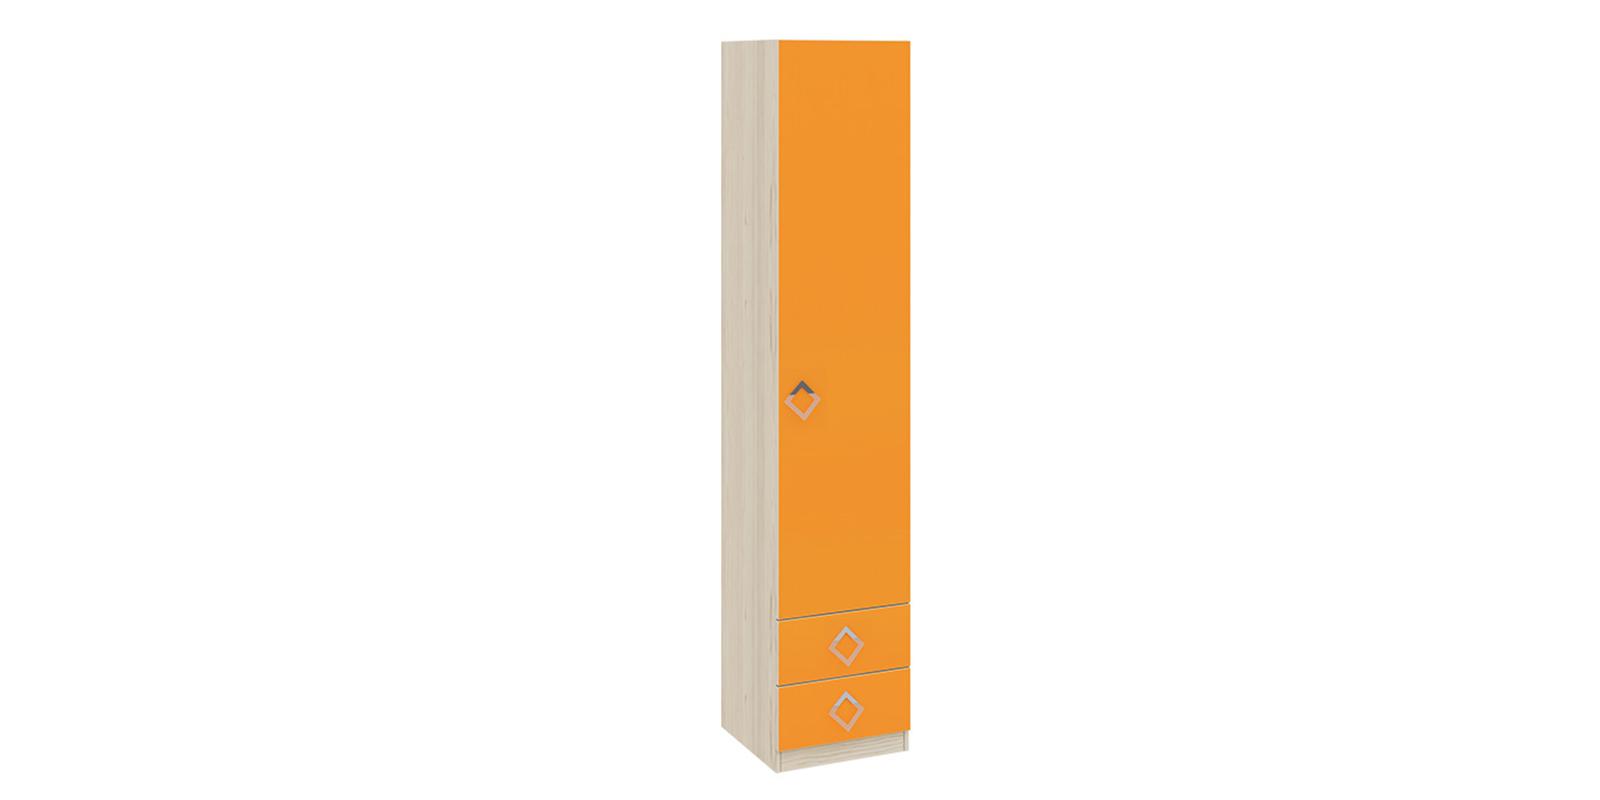 Шкаф распашной однодверный Салоу вариант №2 (каттхилт/манго)